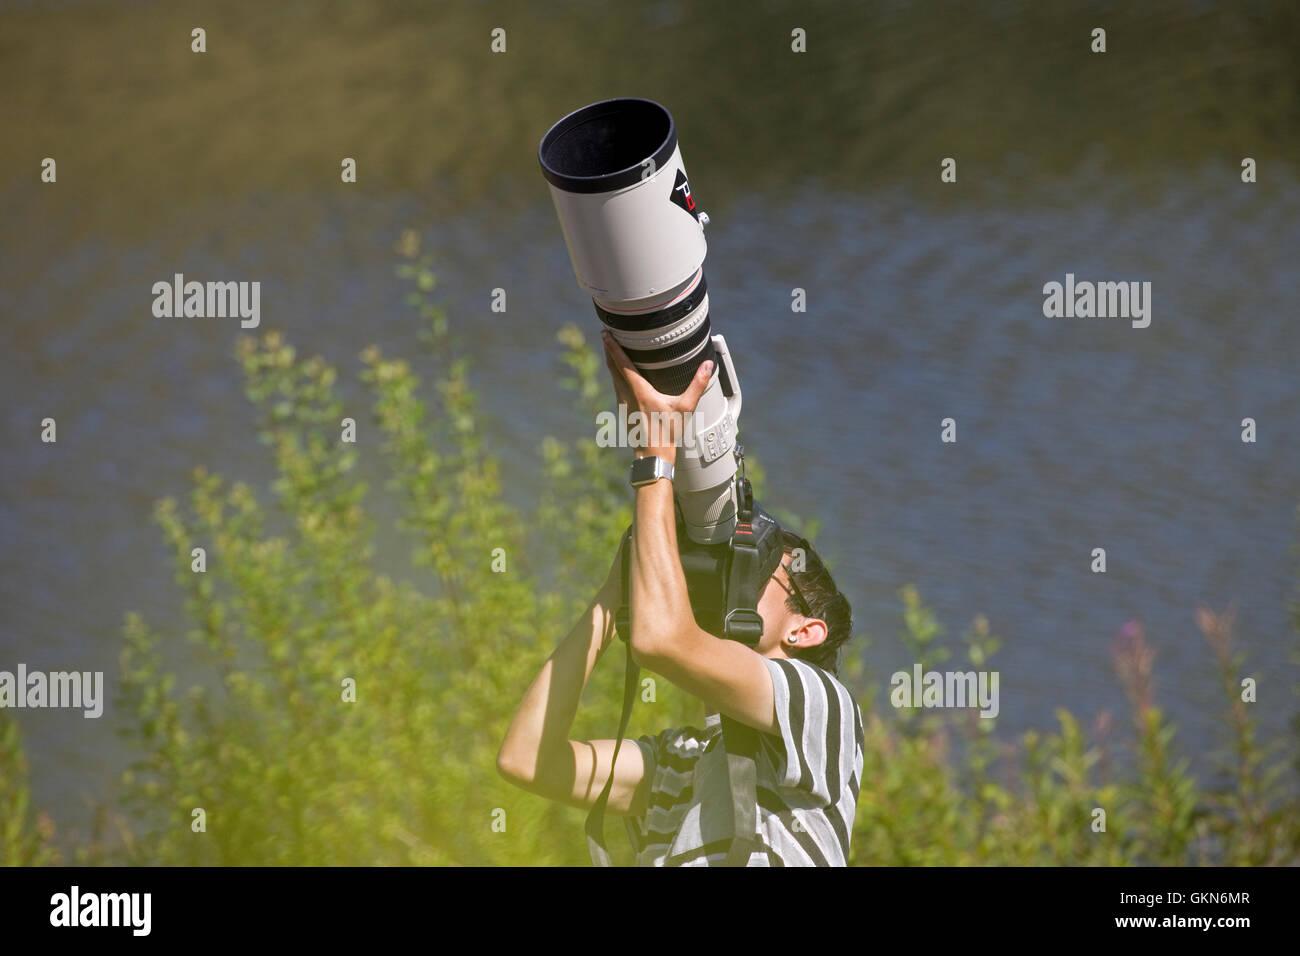 Uomo di fotografare gli uccelli big 500mm Canon teleobiettivo Bwlch Nant Yr Arian Visitor Center Ceredigion il Galles Immagini Stock